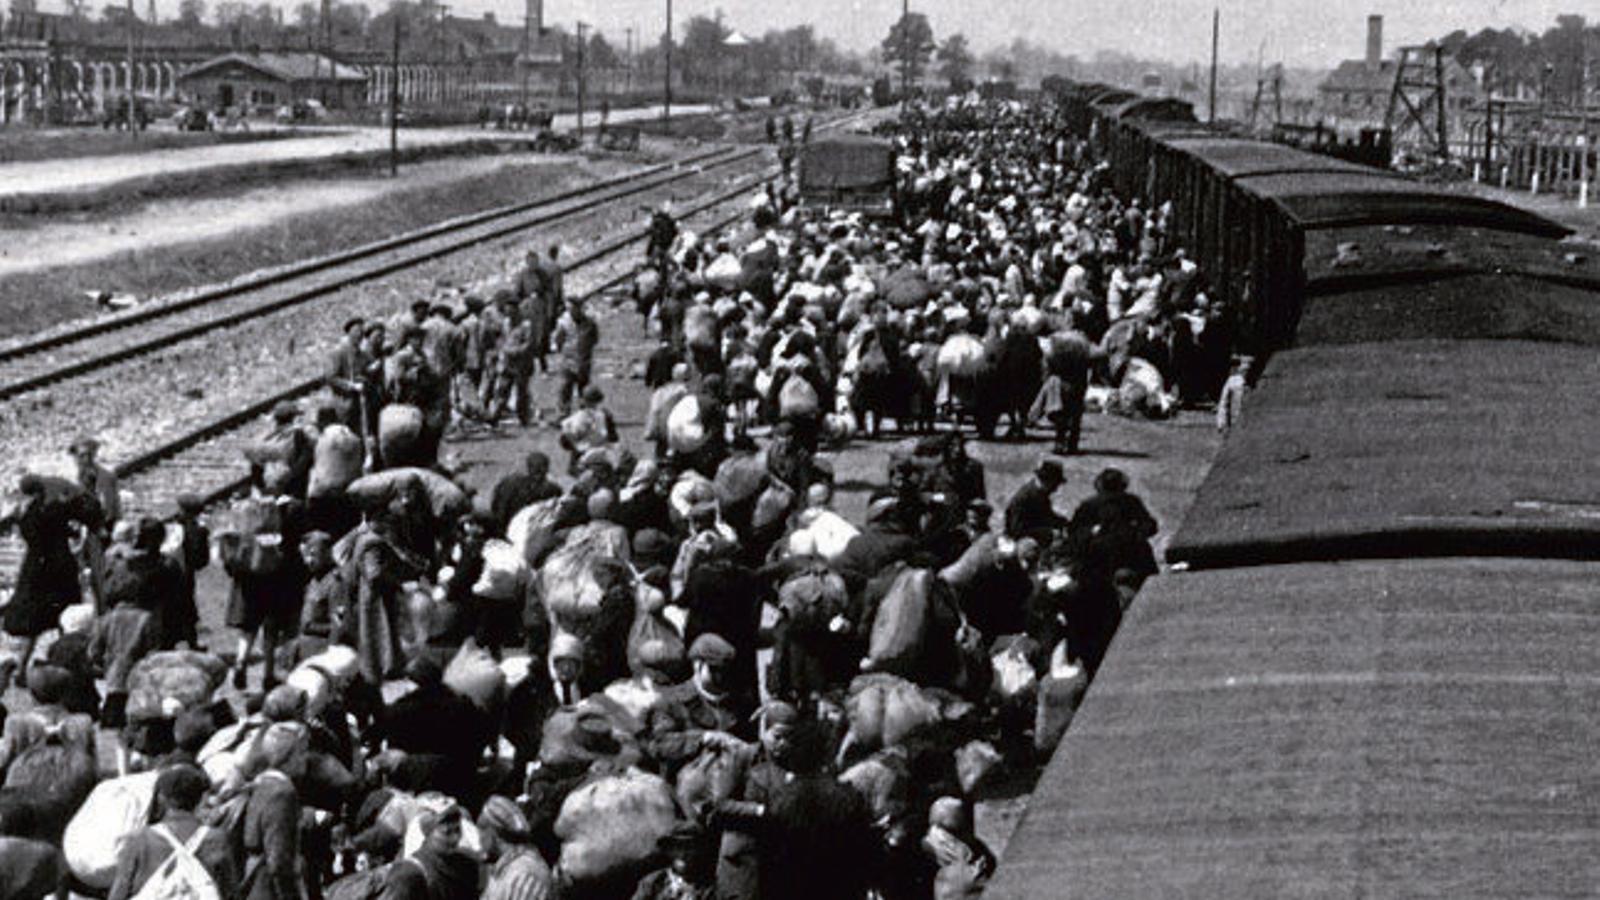 Centenars de jueus esperant un tren cap a Auschwitz, a Polònia, l'any 1944.